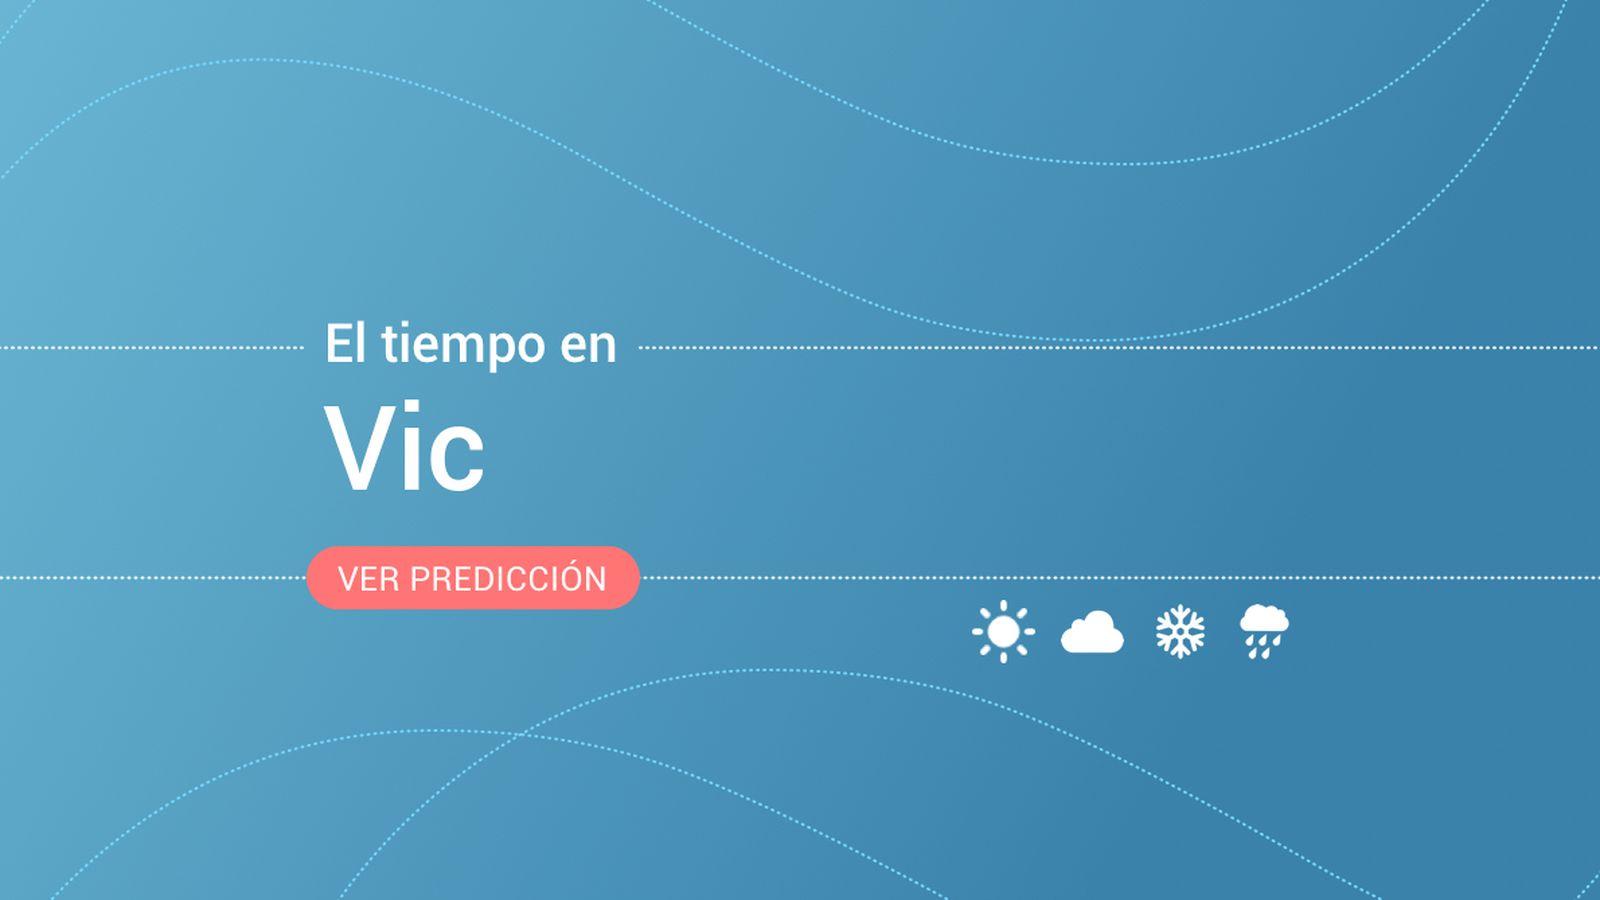 Foto: El tiempo en Vic. (EC)